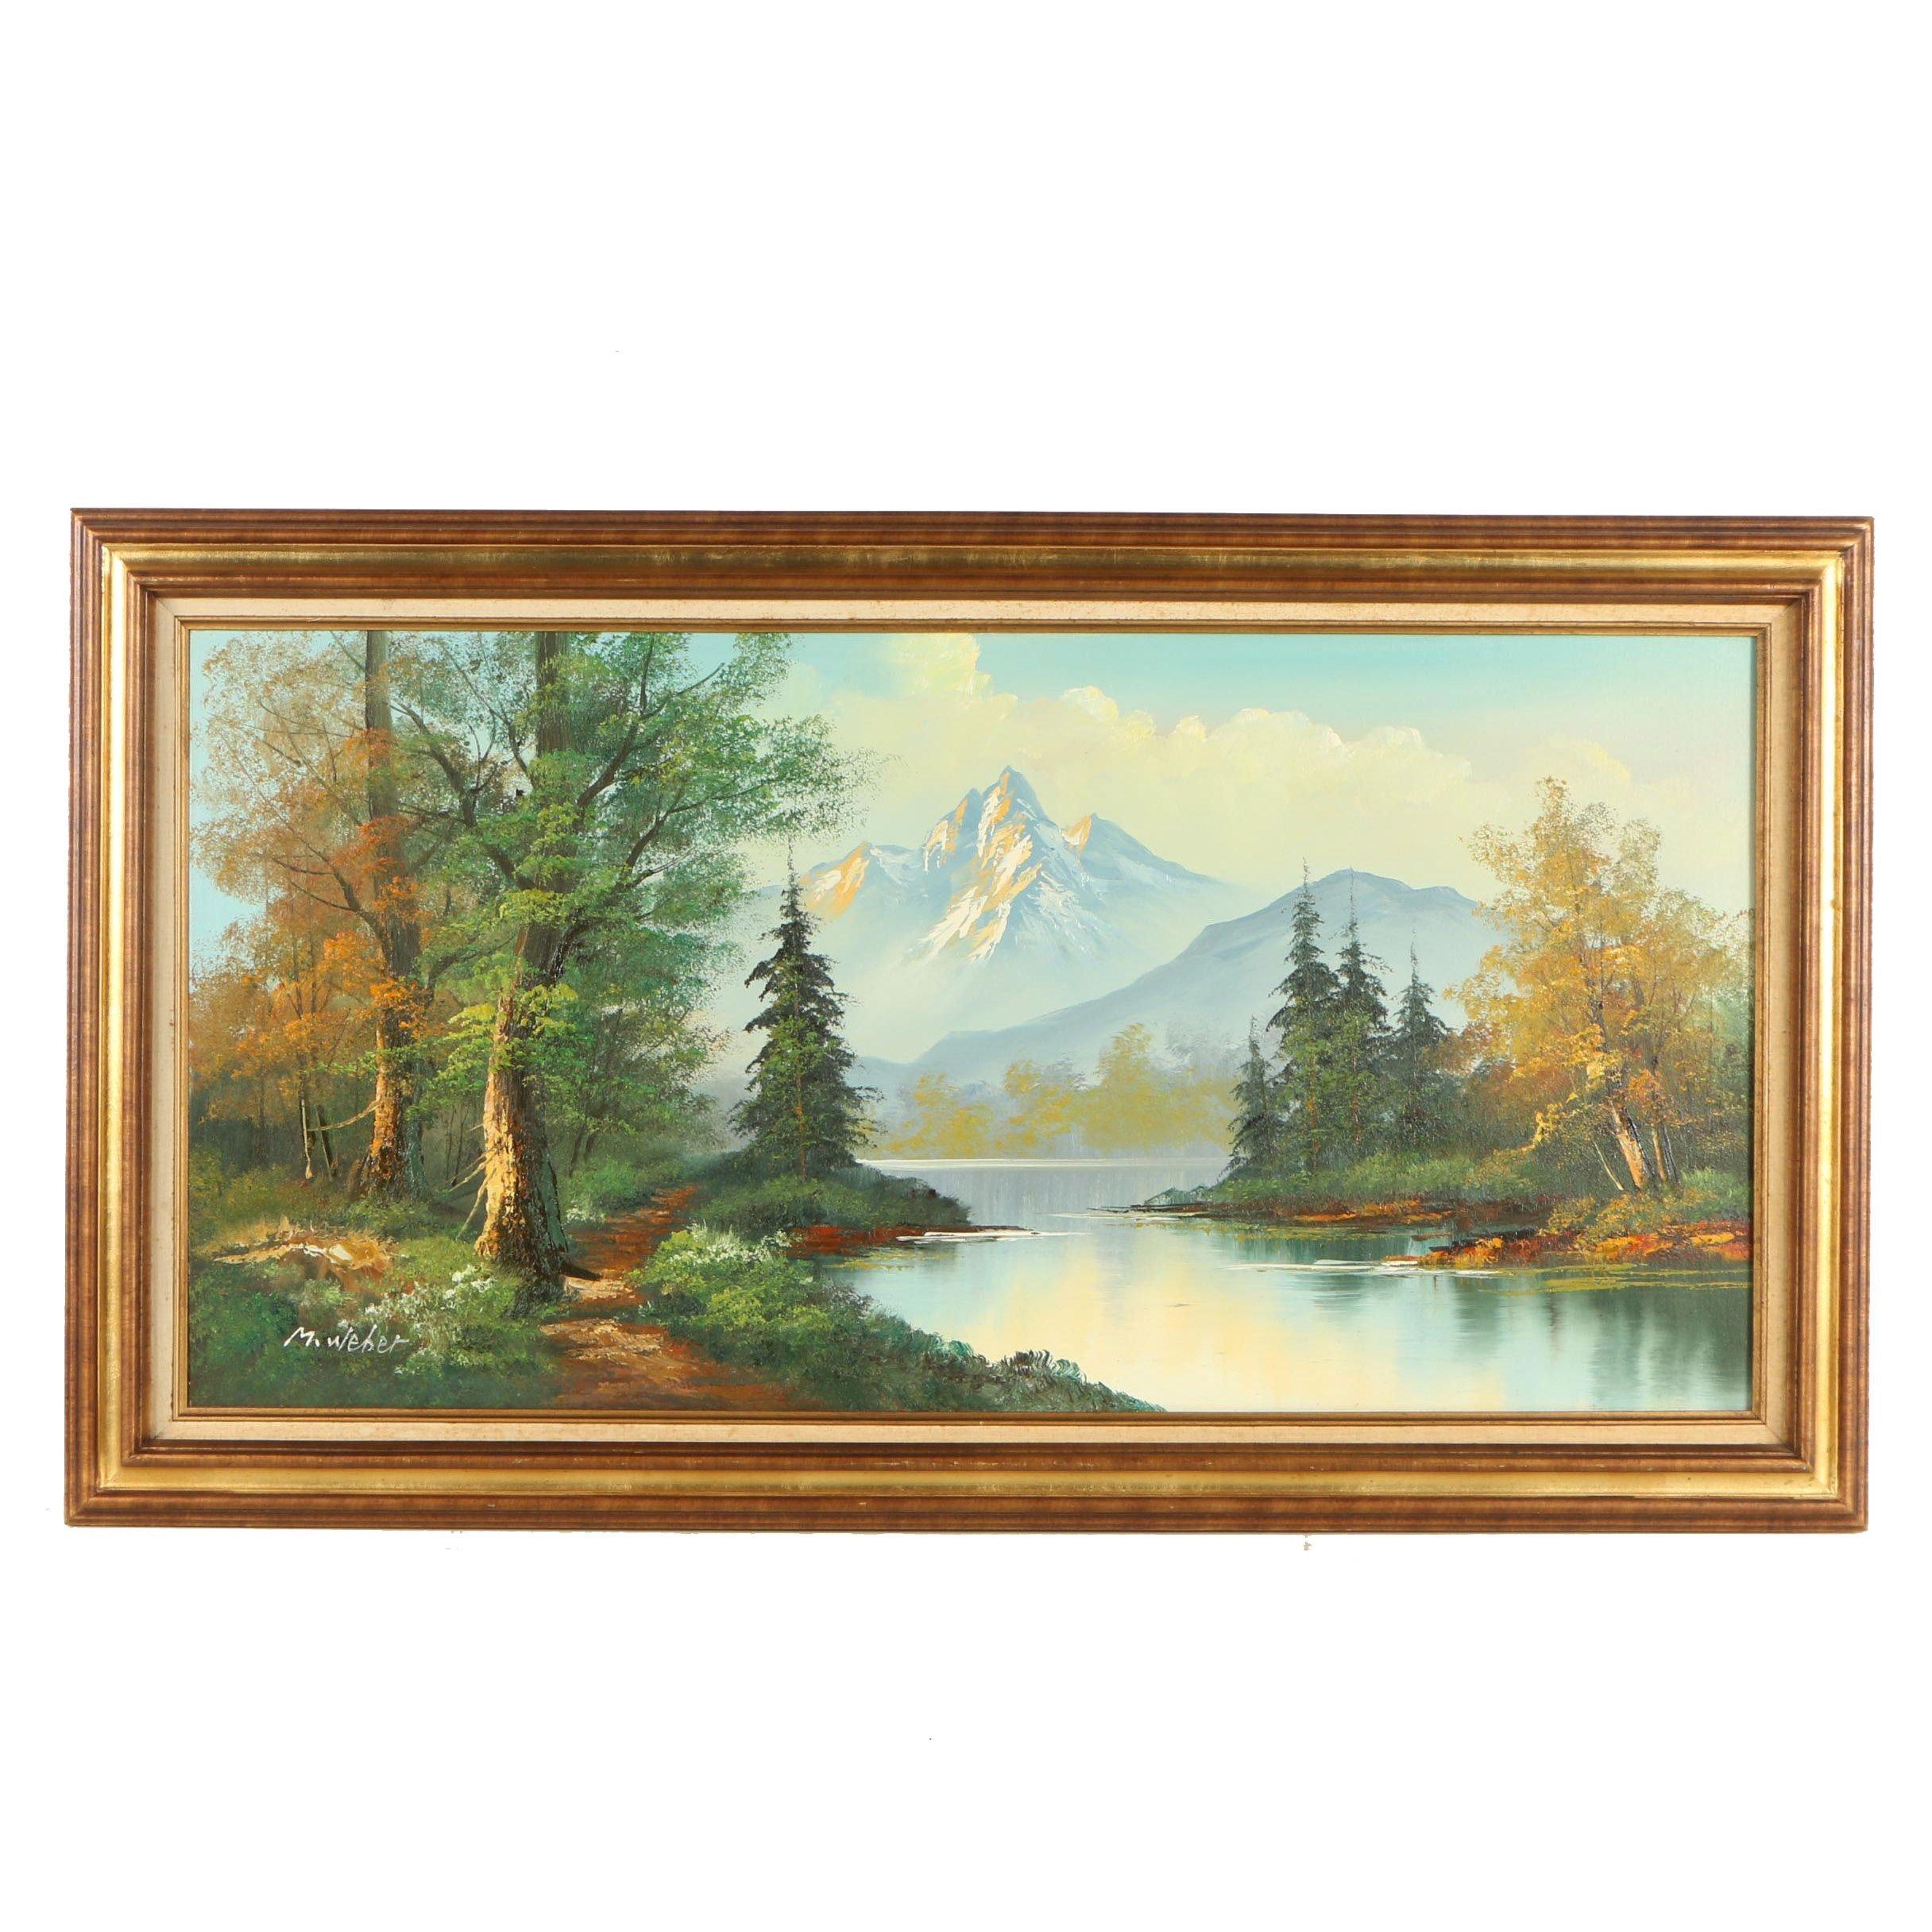 M. Weber Landscape Oil Painting